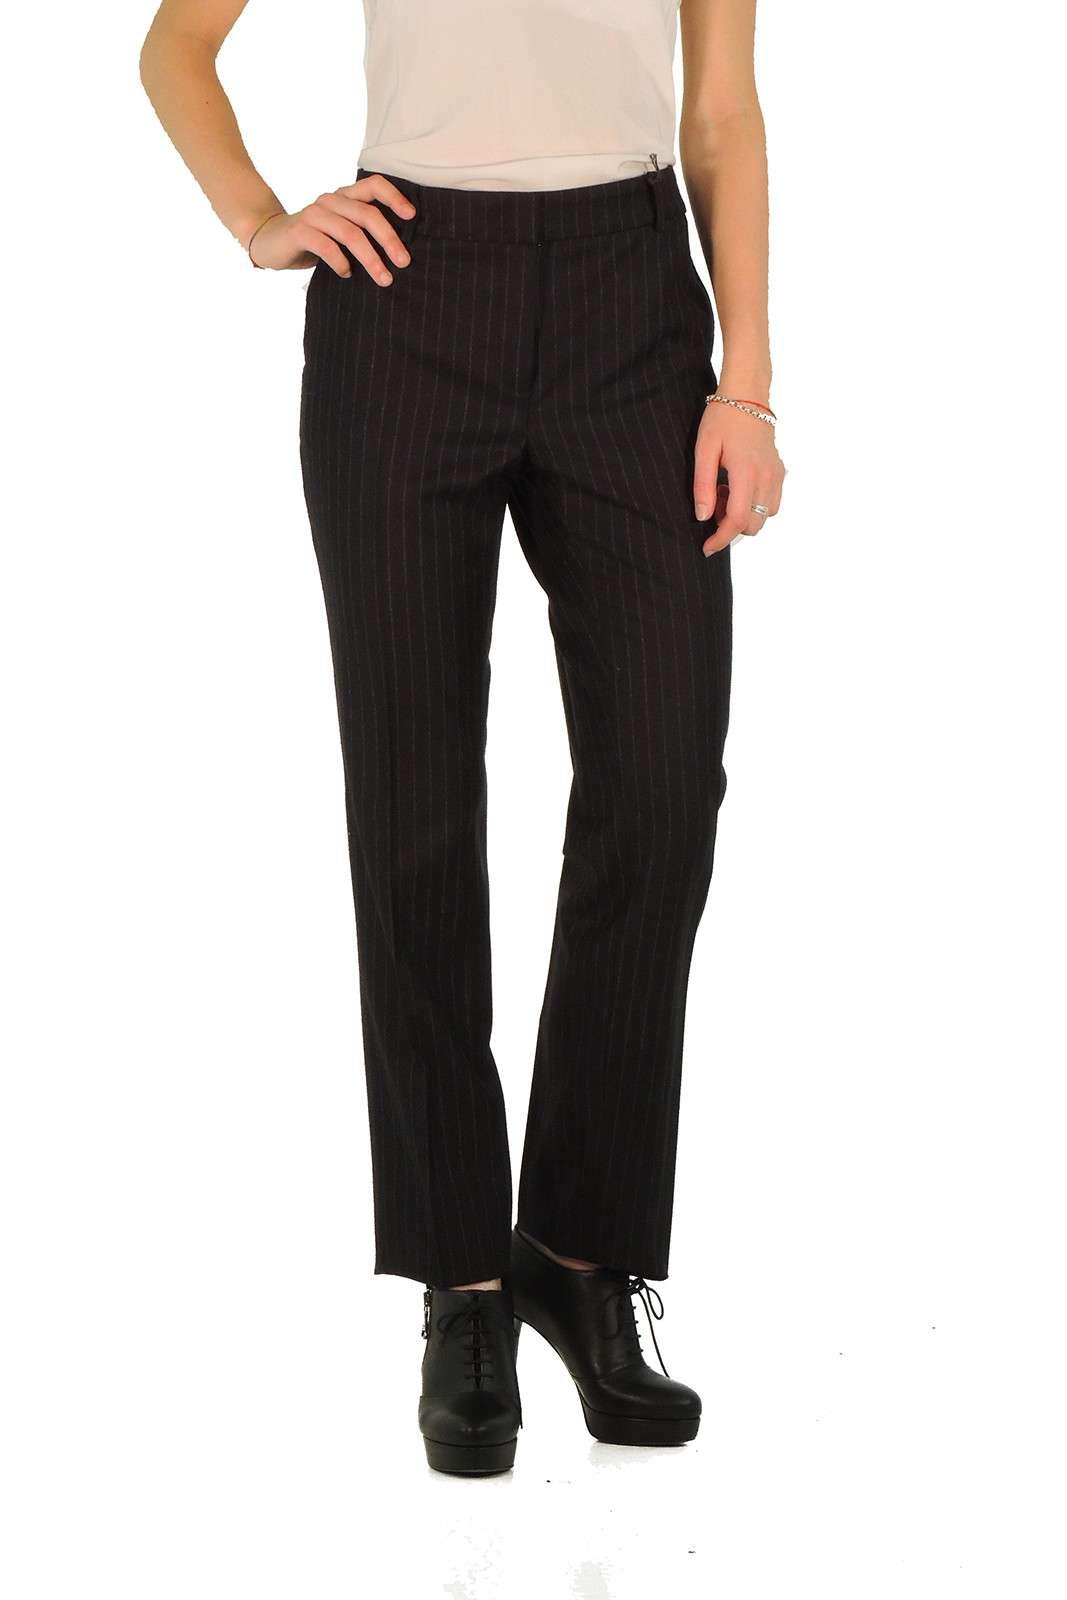 Pantalone in lana taglio chino, gessato, vita regolare, allacciatura con cerniera bottone e gancetto, gamba a tubo, piega centrale.